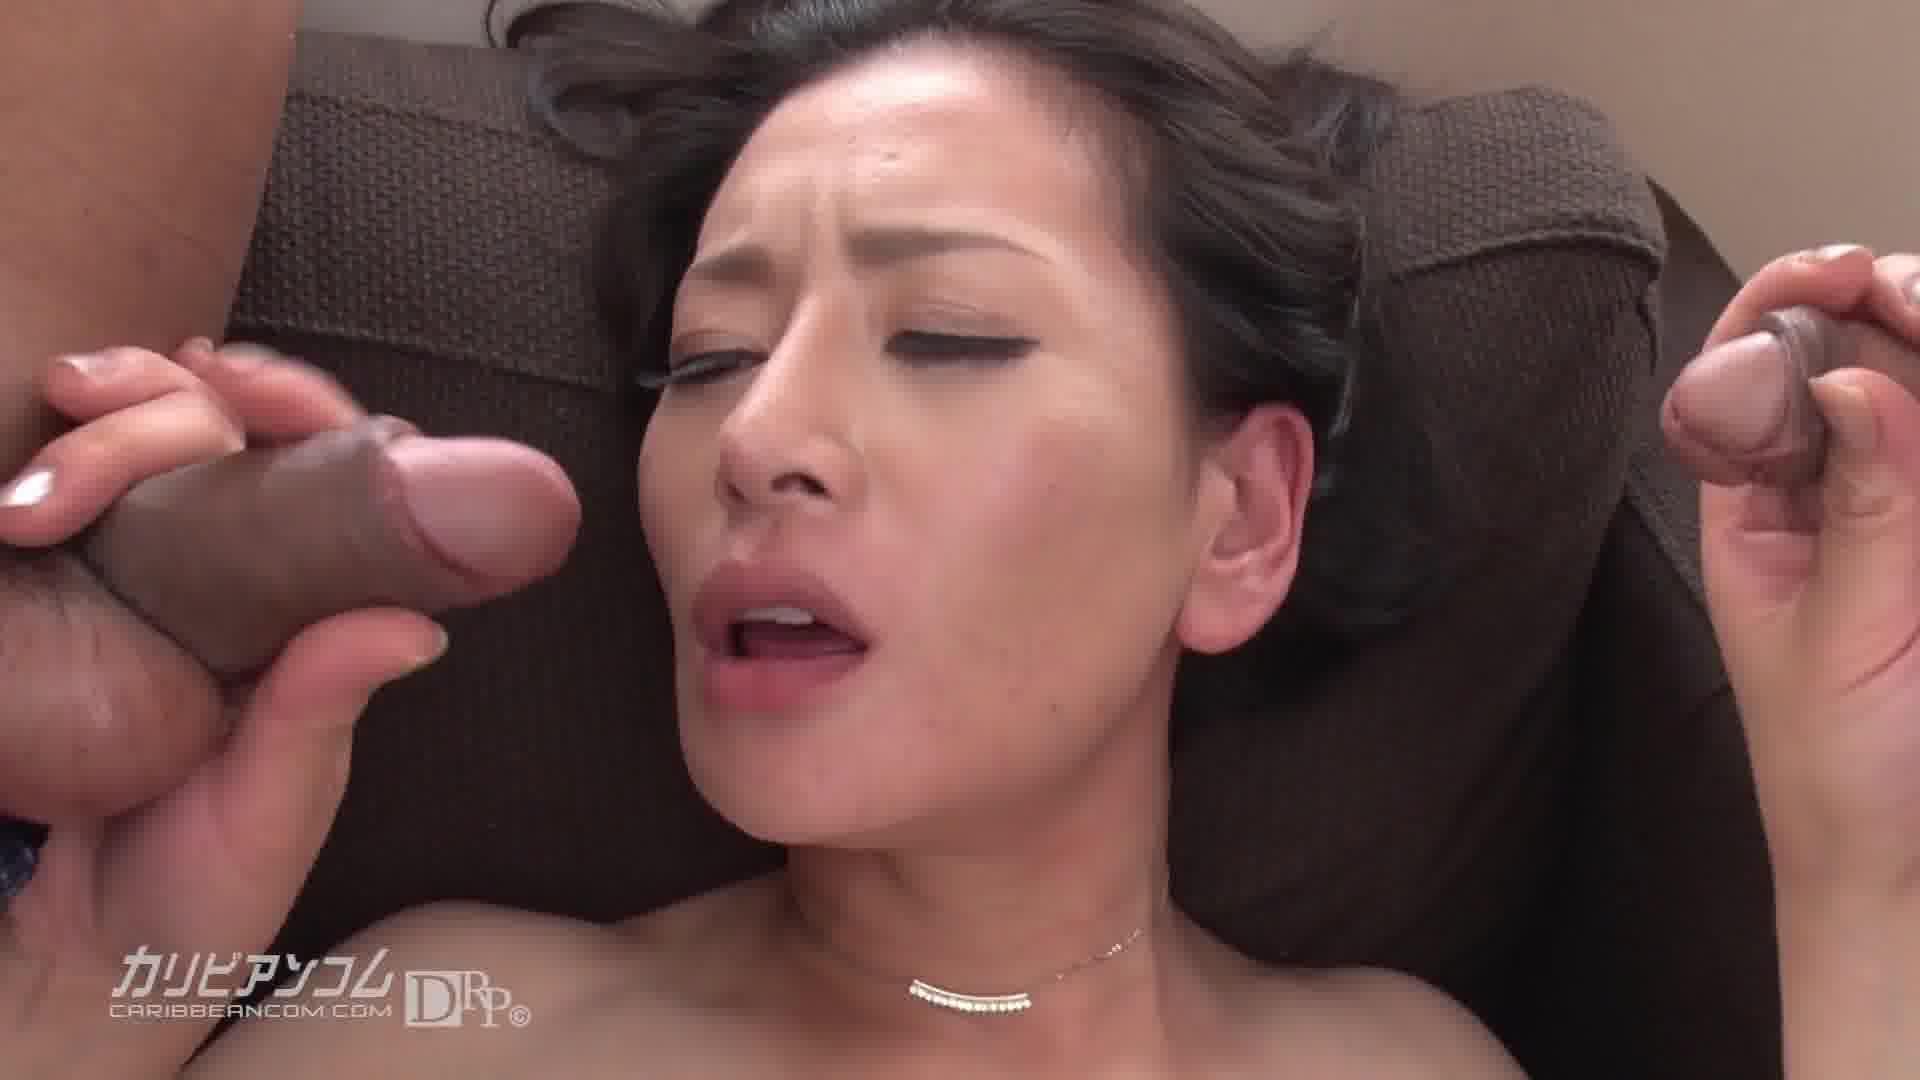 いきなり!ぶっかけ隊。Vol.11 - 北島玲【美乳・隠語・中出し】